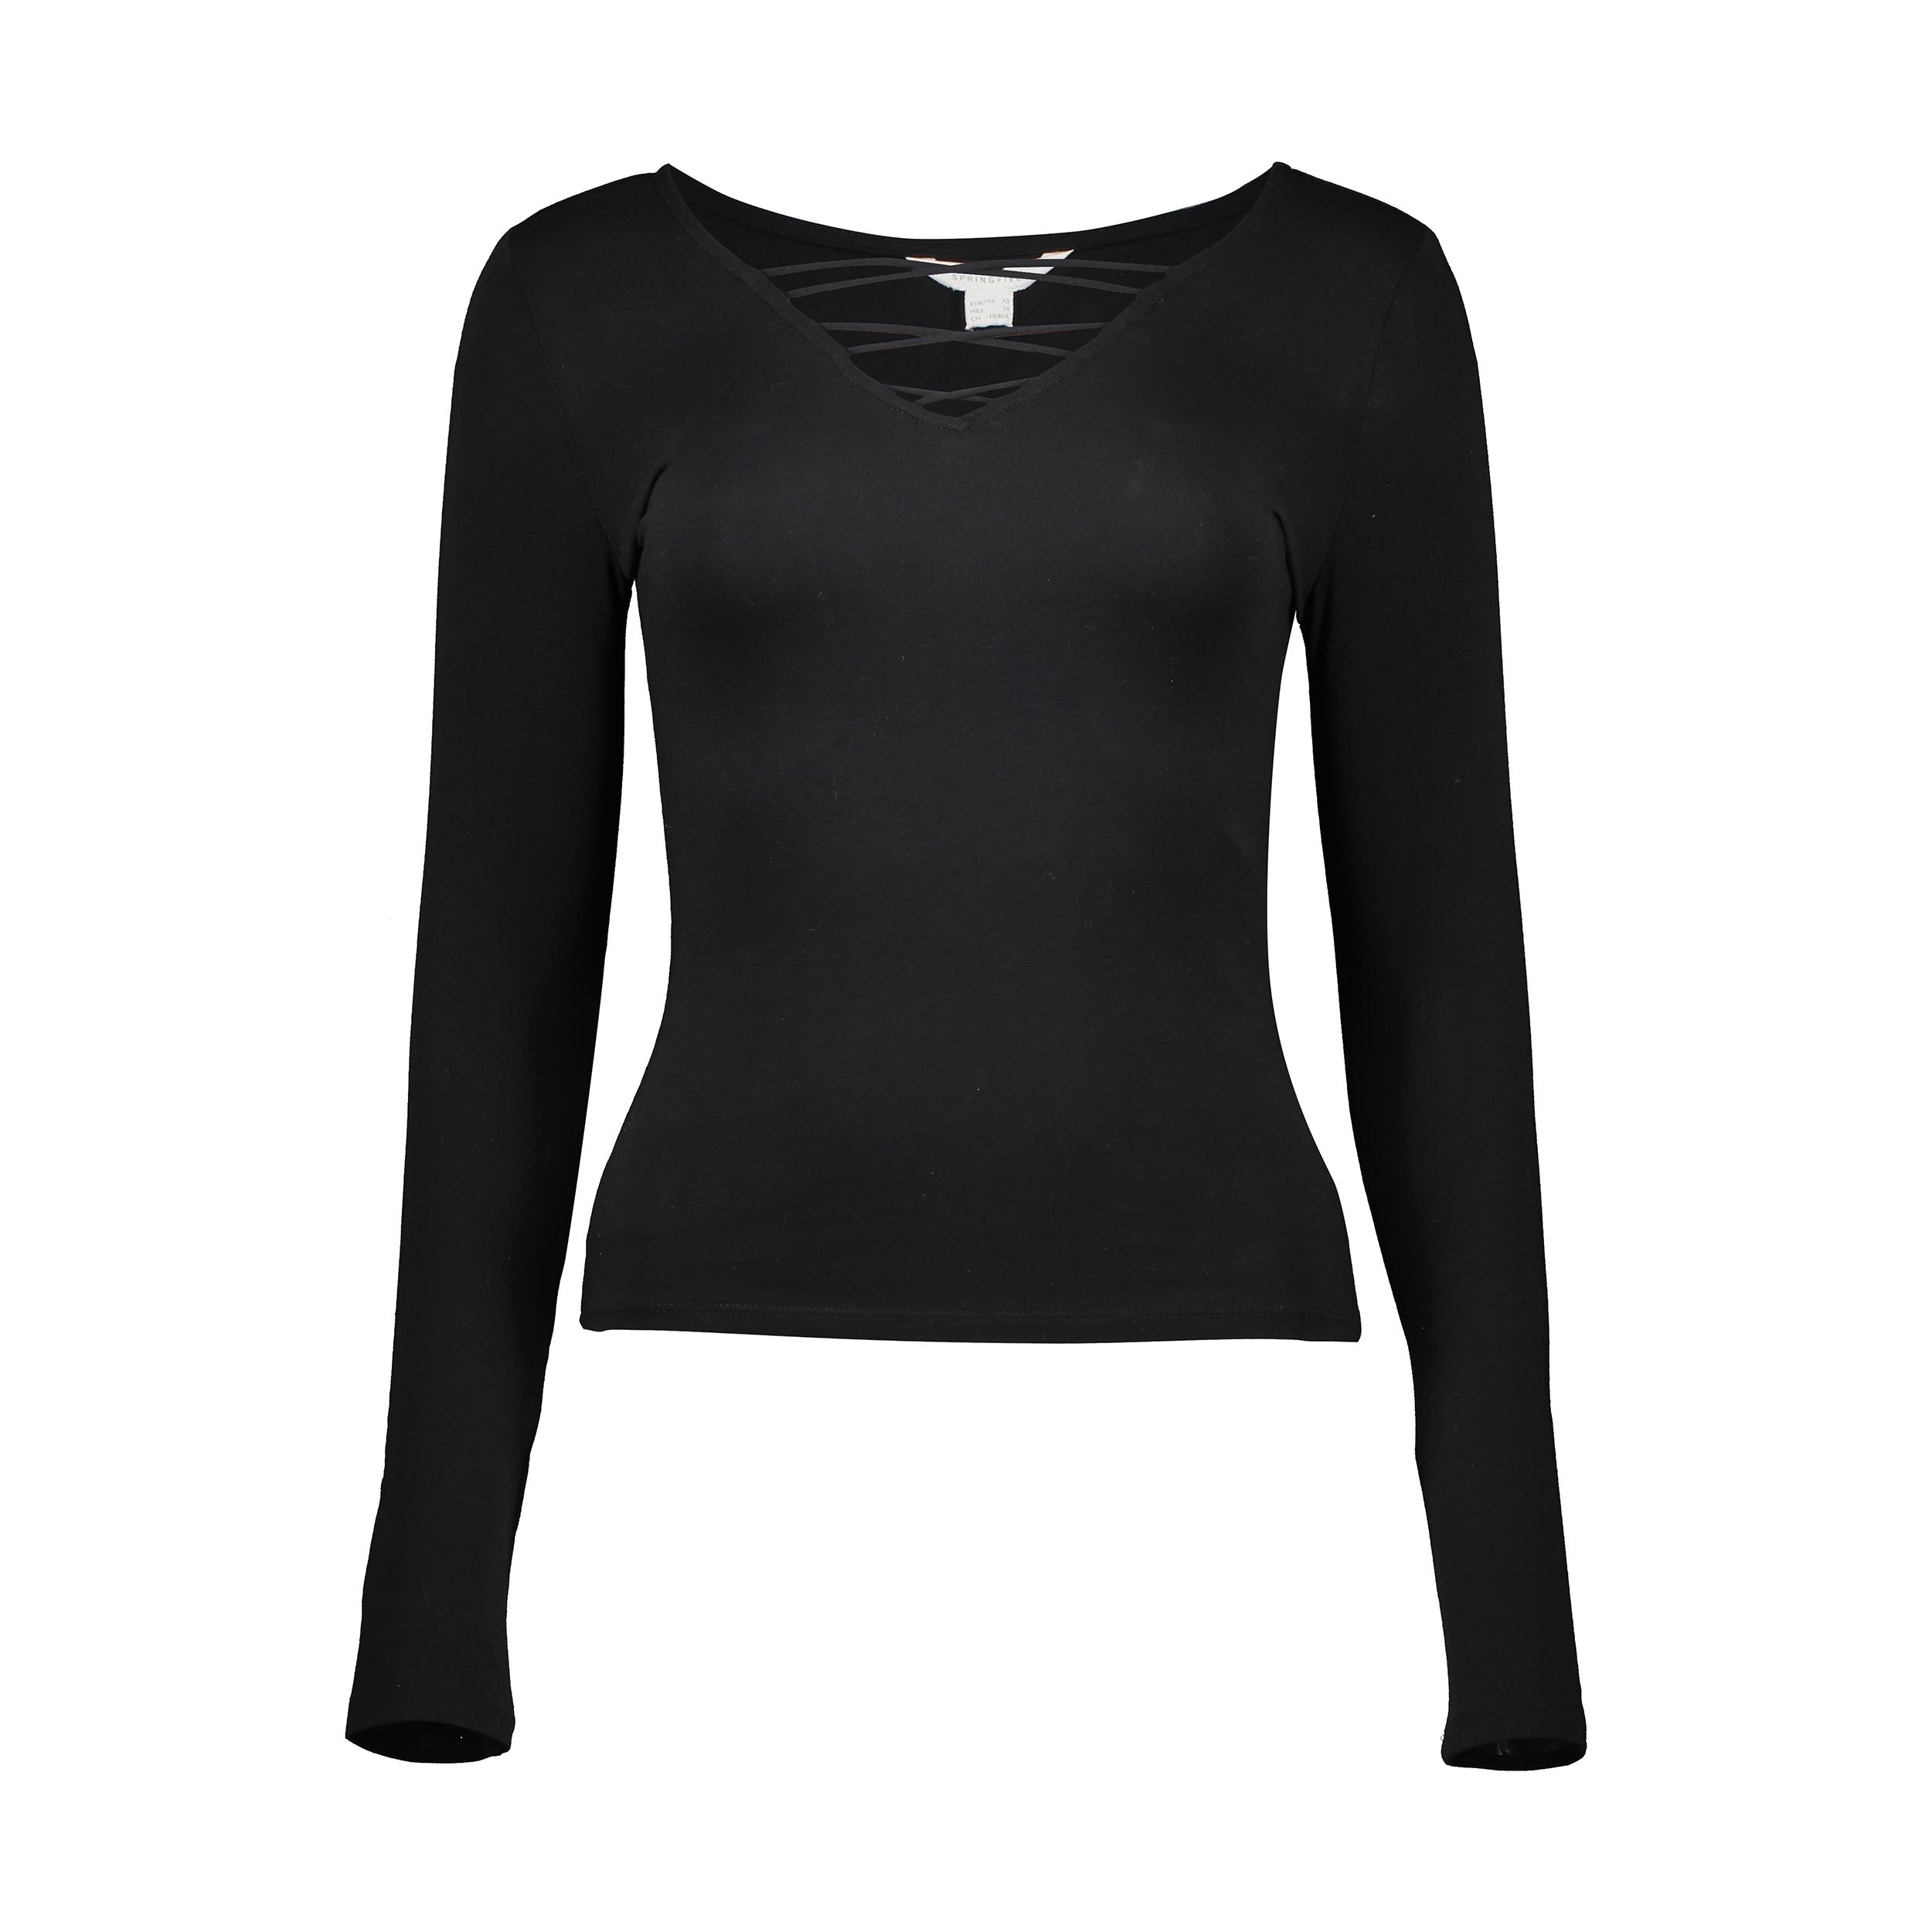 تی شرت زنانه اسپرینگ فیلد مدل 0074535-BLACK